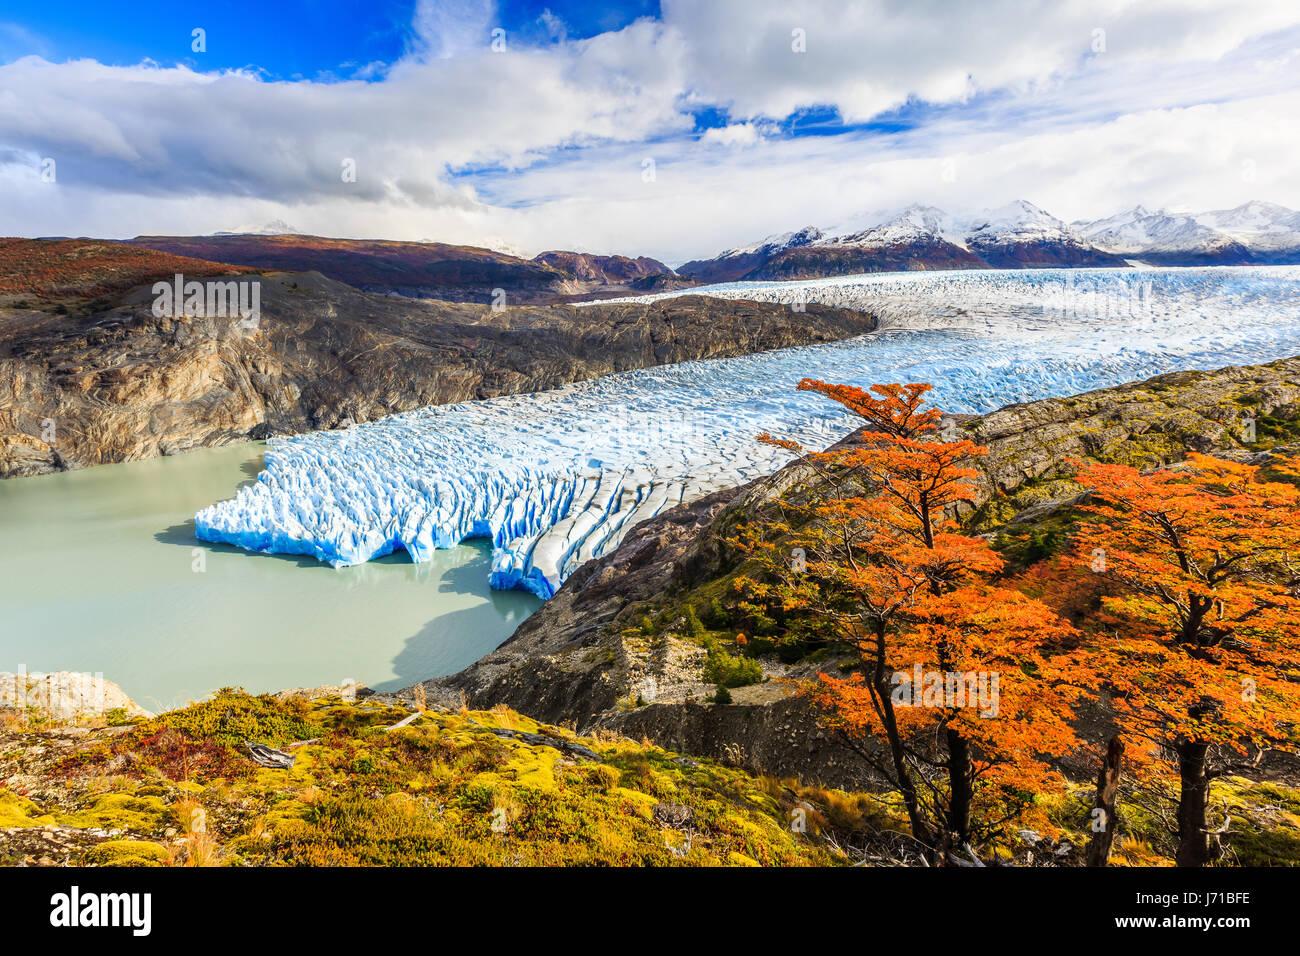 Parque Nacional Torres del Paine, Chile. Glaciar Grey. Foto de stock